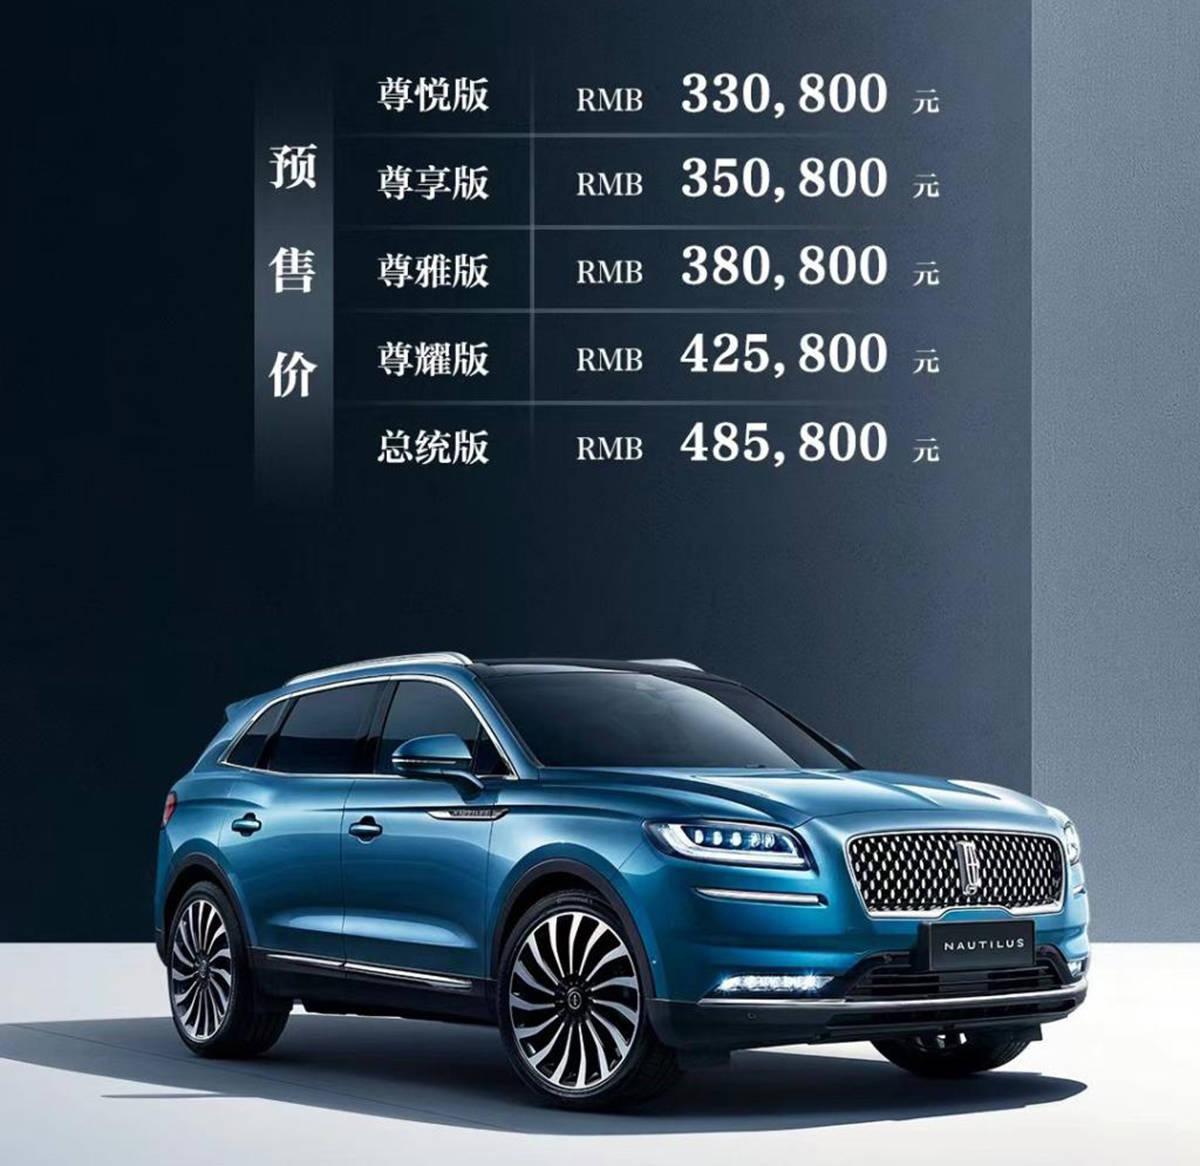 推出5款车型,国产林肯导航仪预售款33.08-48.58万元